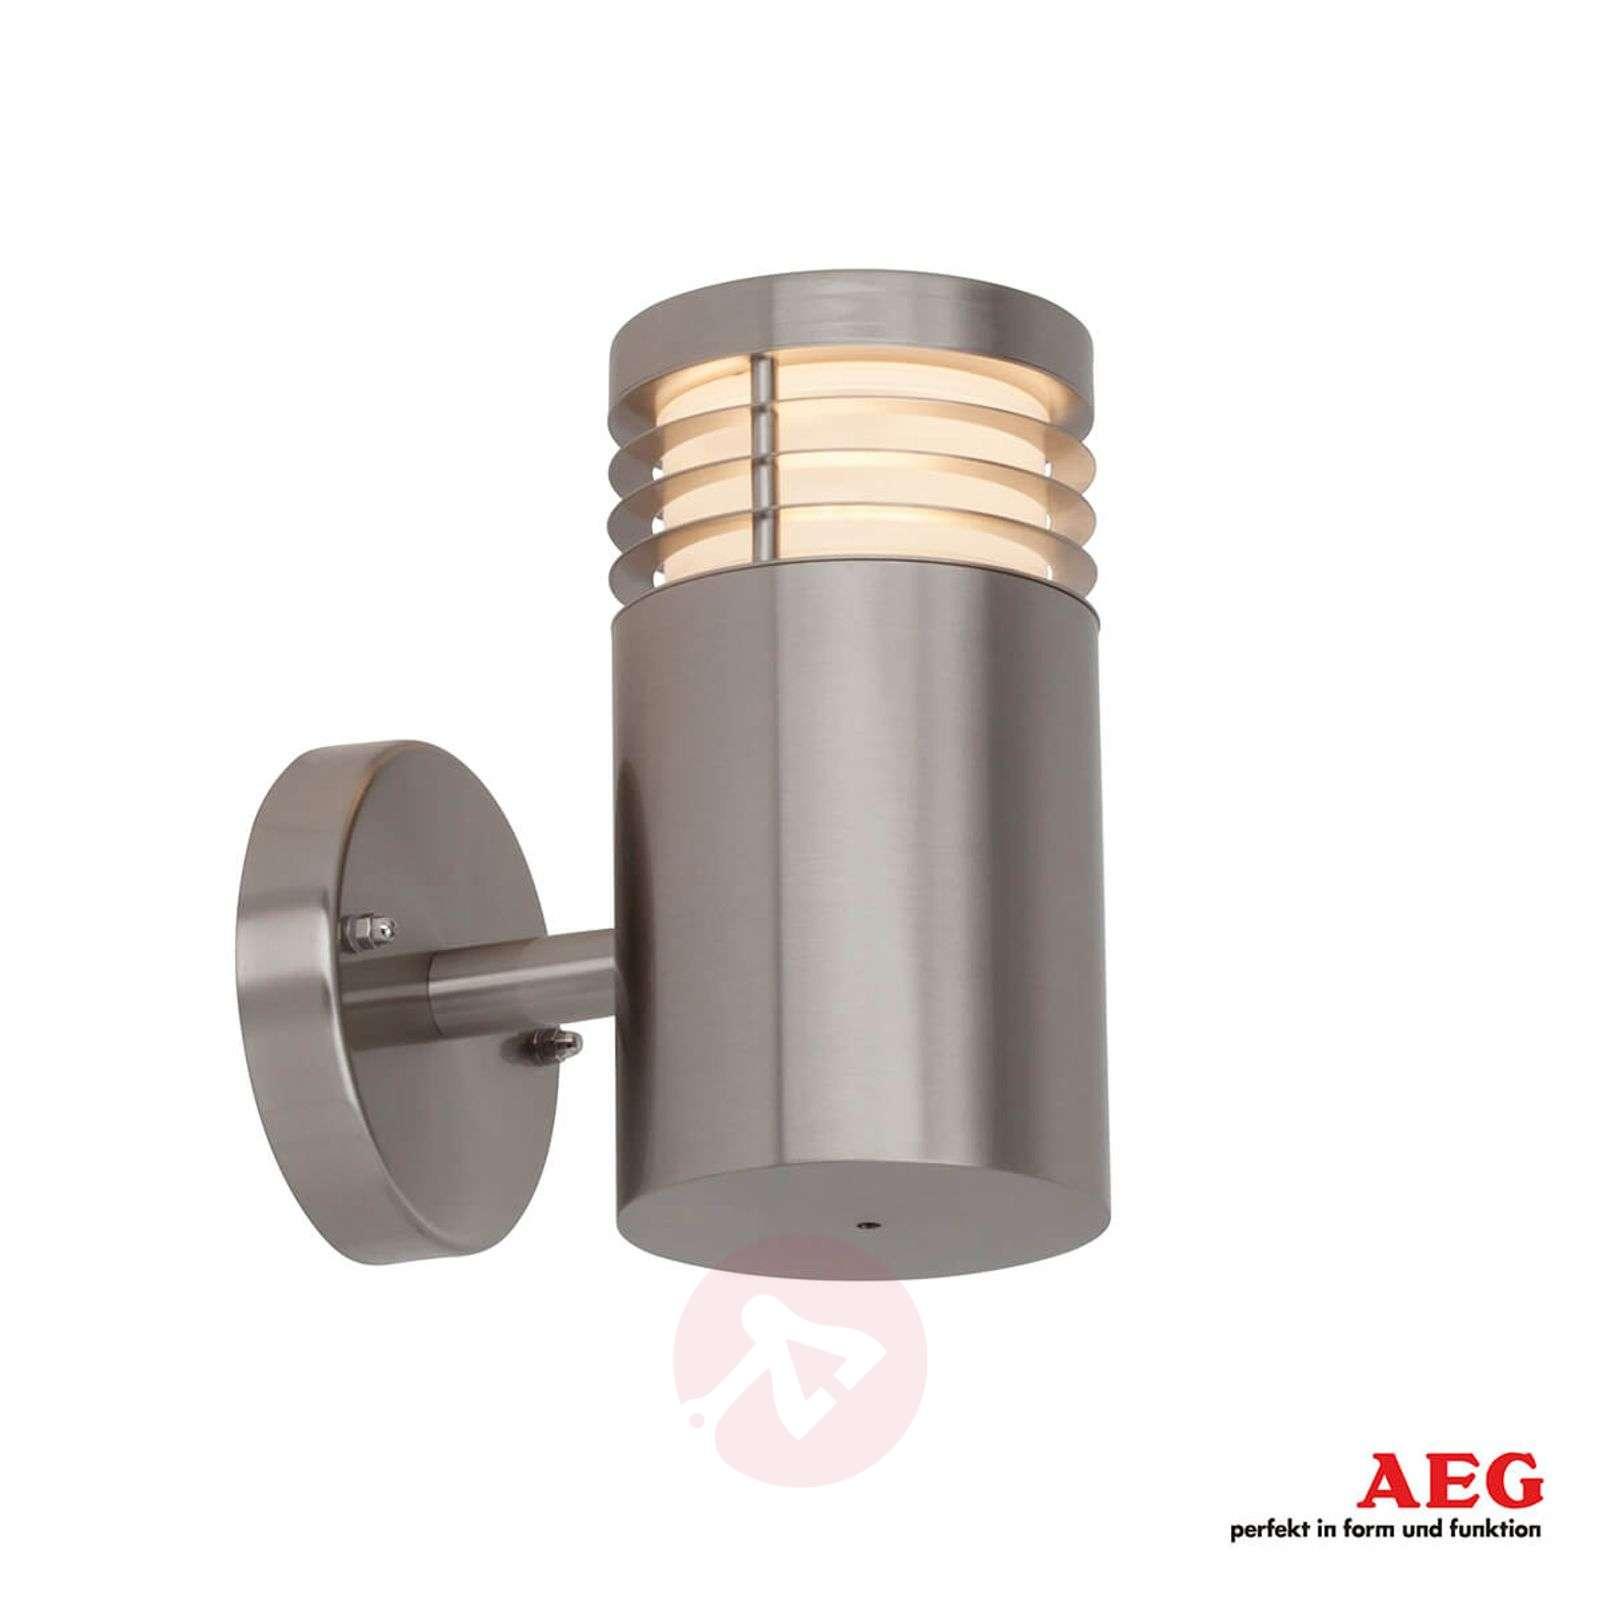 Kastra – LED-ulkoseinävalaisin, ruostumaton teräs-3057129-01